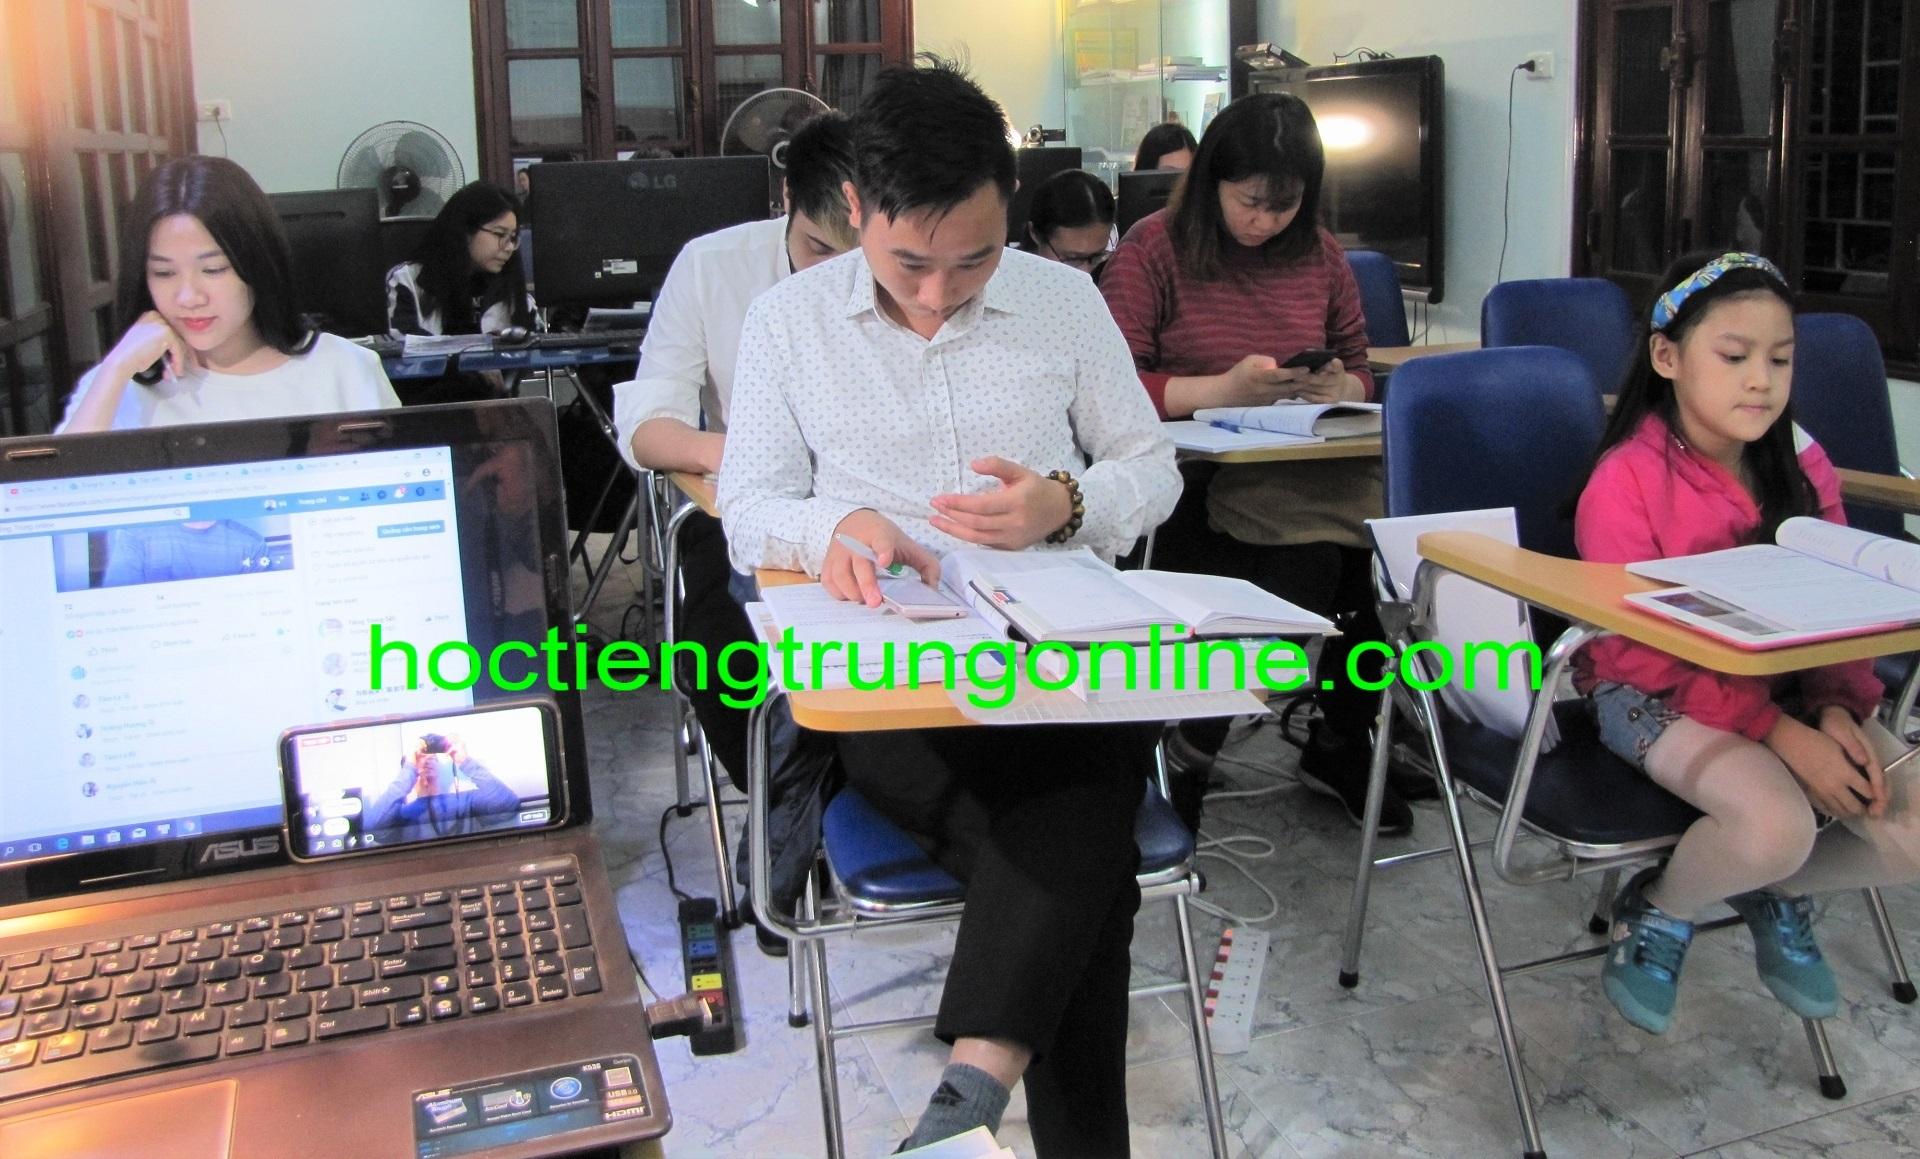 Học tiếng Trung online Thầy Vũ Trung tâm tiếng Trung ChineMaster 14